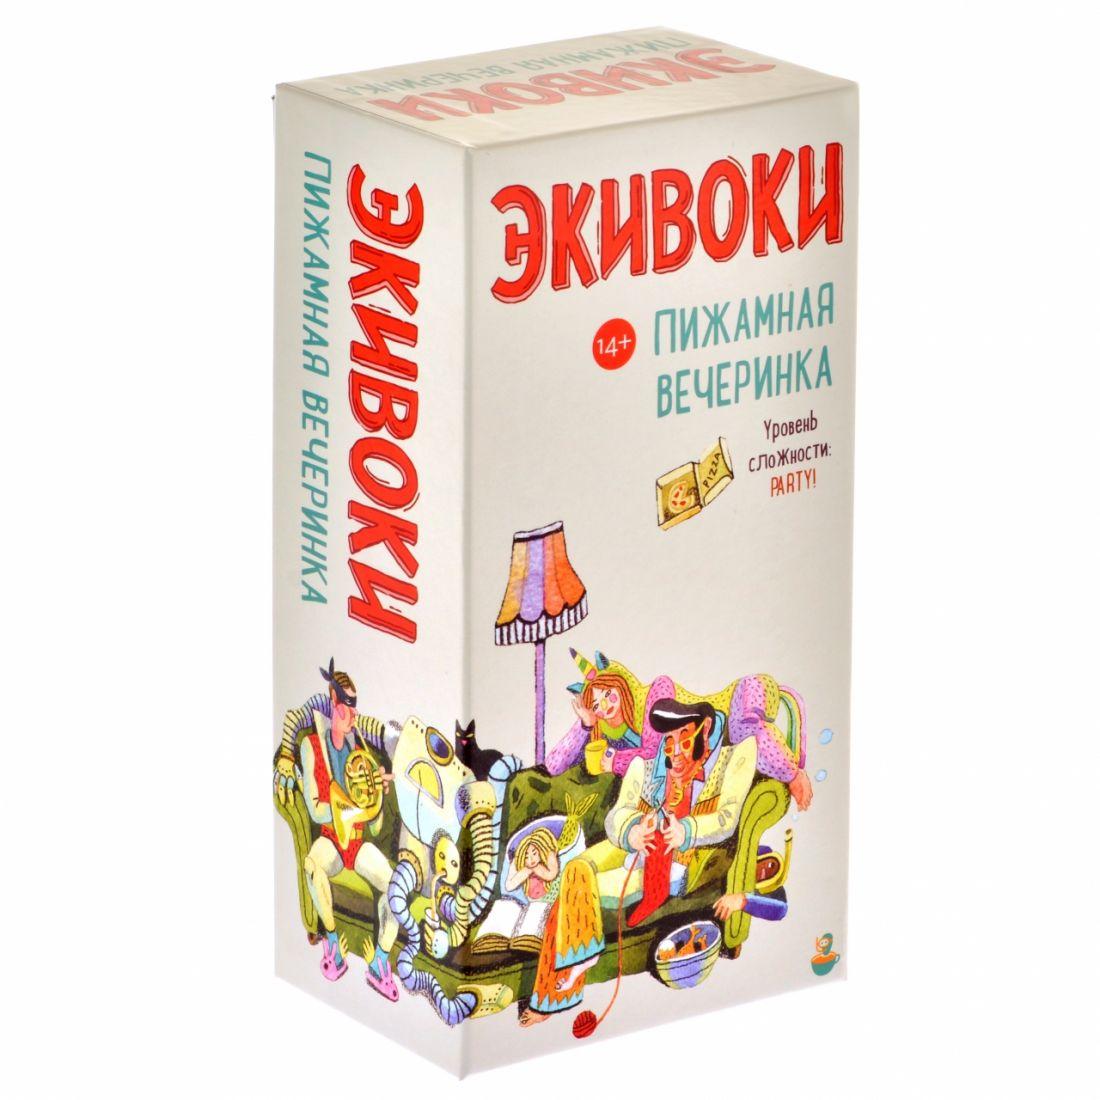 Настольная игра ЭКИВОКИ 21295 Пижамная вечеринка